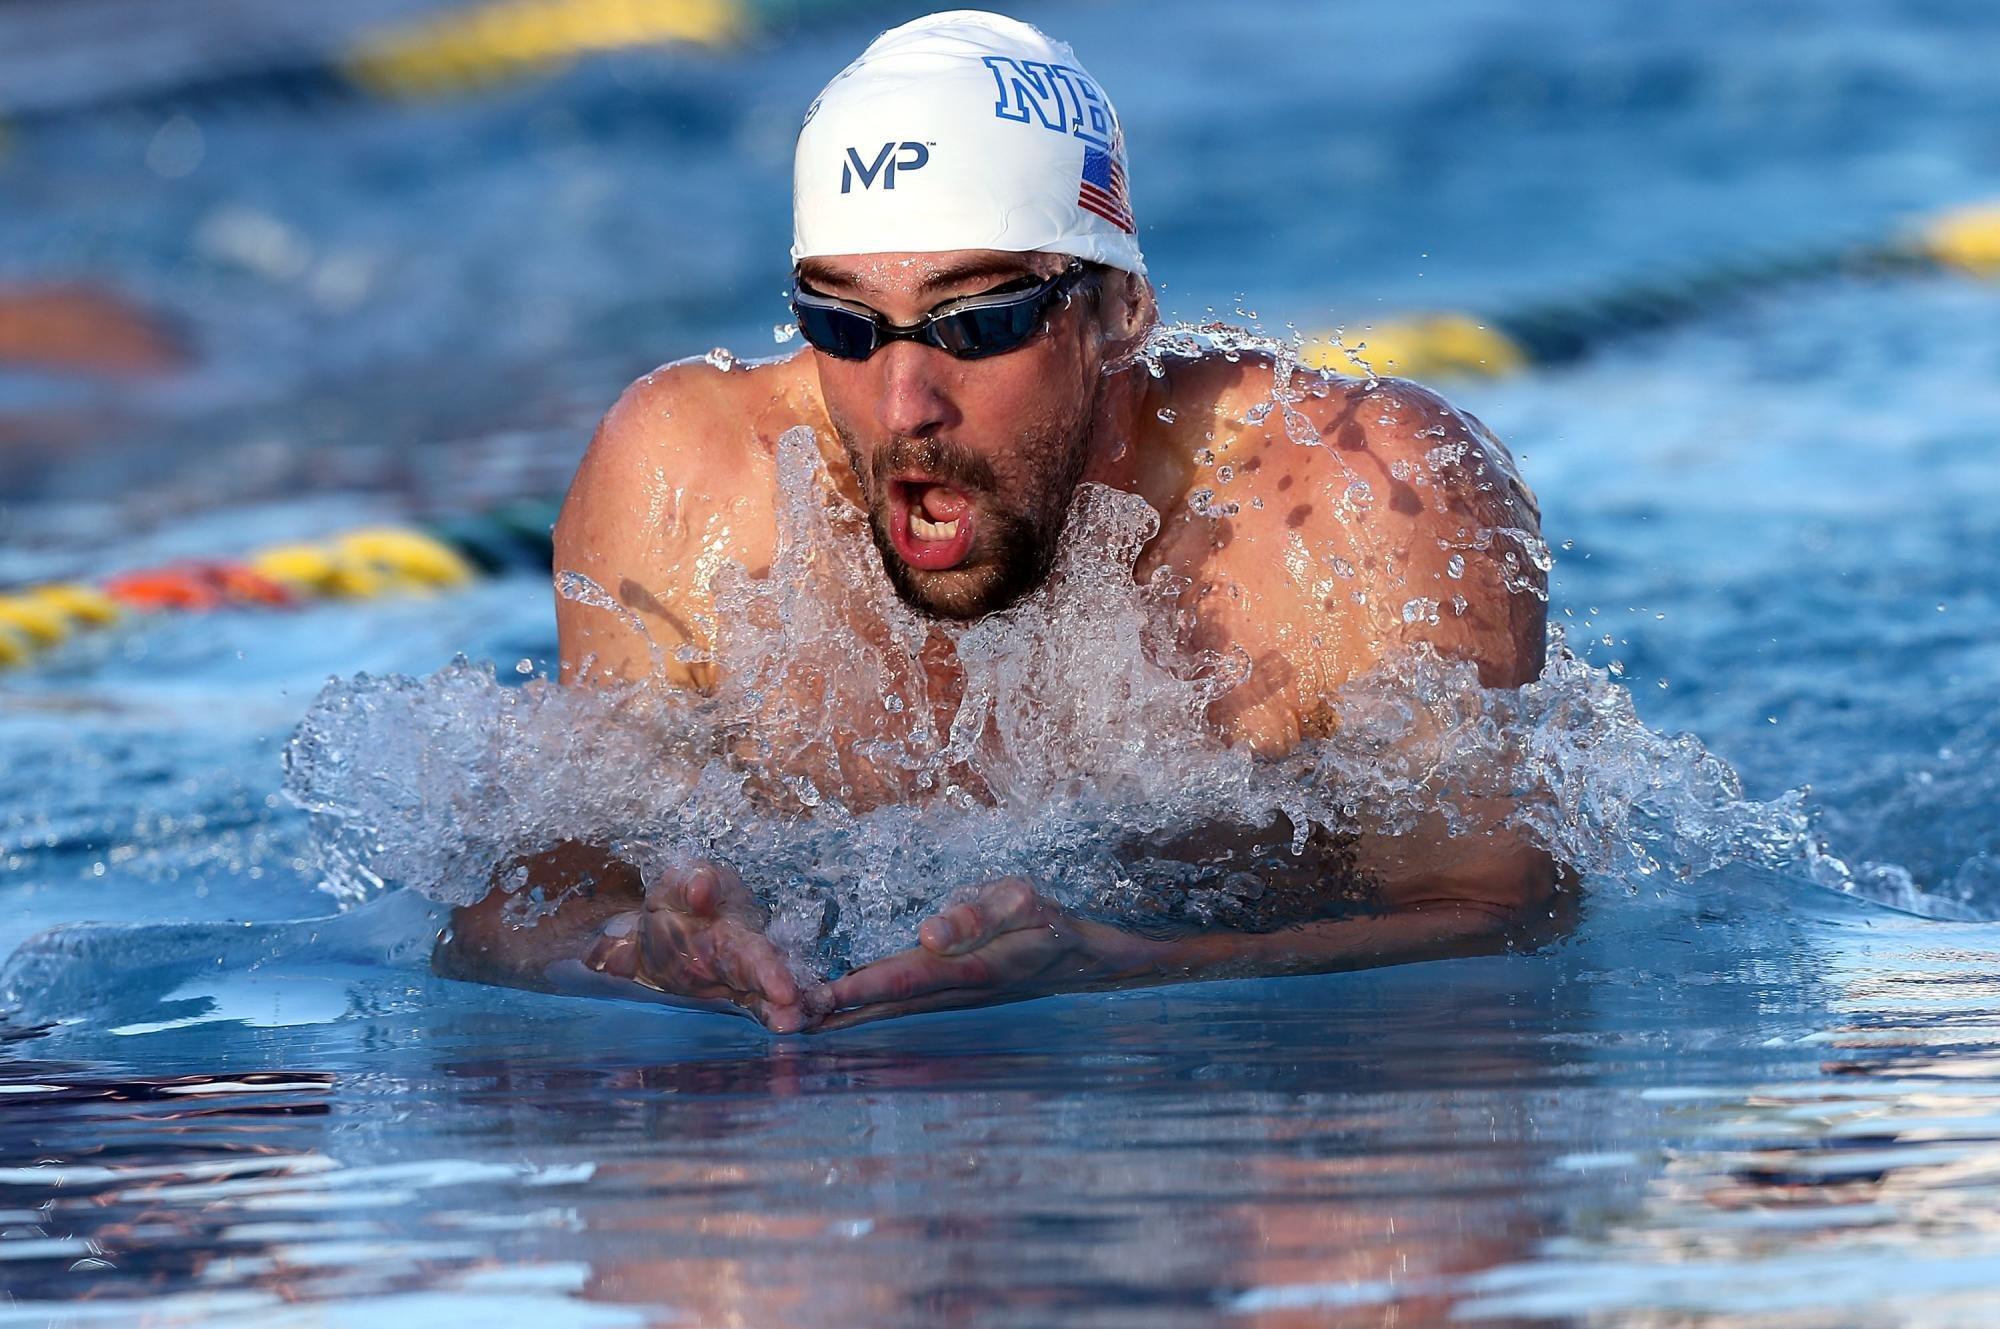 Парень побил рекорд олимпийского чемпиона поплаванию Фелпса